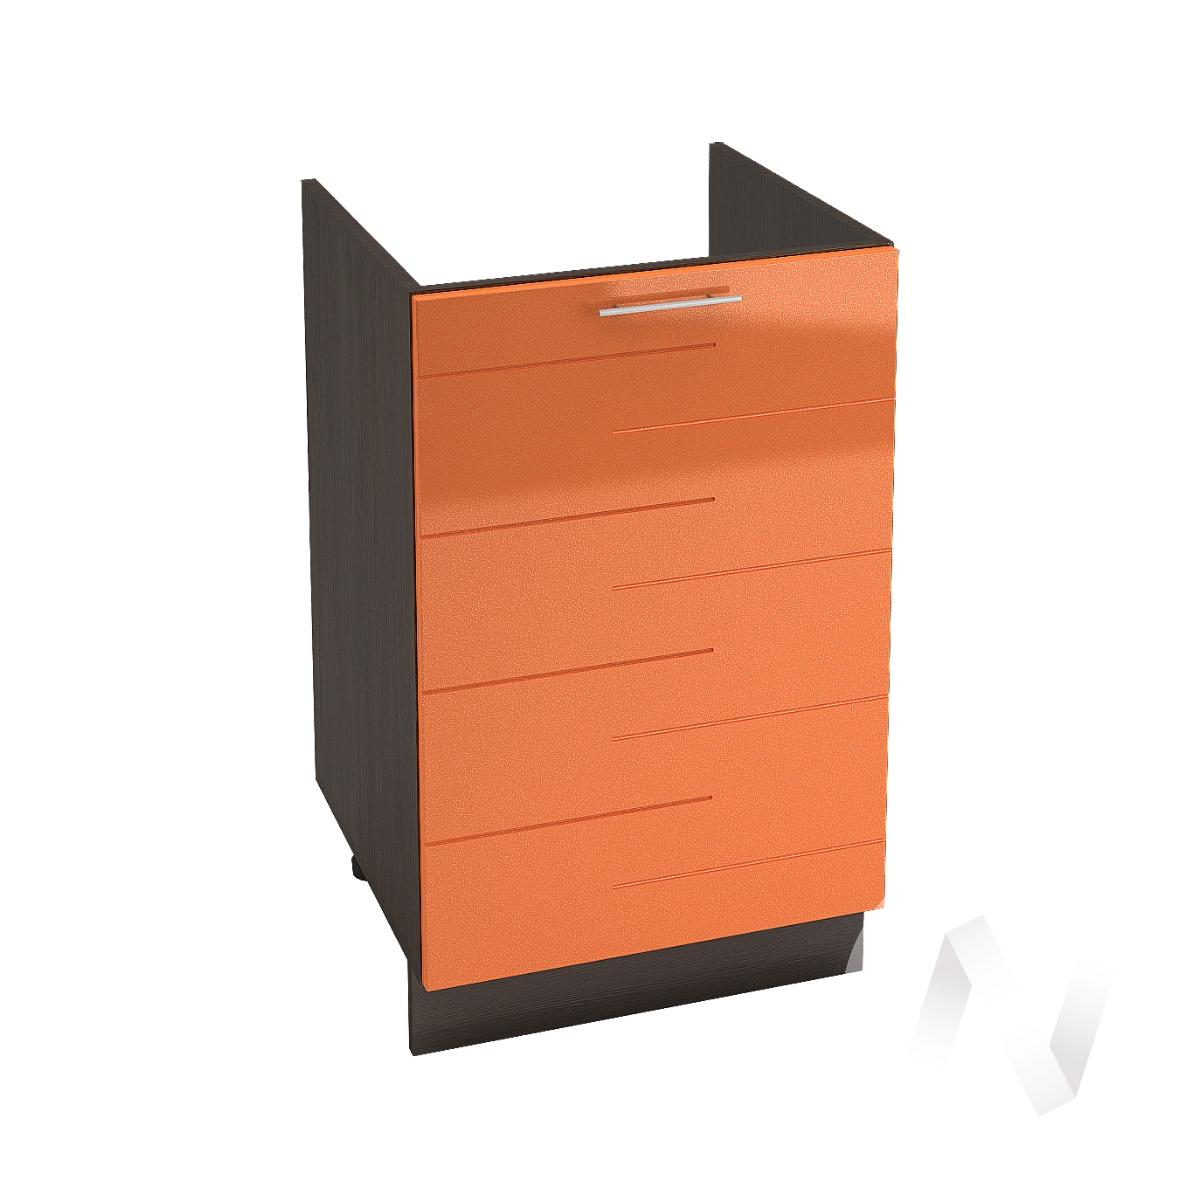 """Кухня """"Техно"""": Шкаф нижний под мойку 500, ШНМ 500 (корпус венге)"""